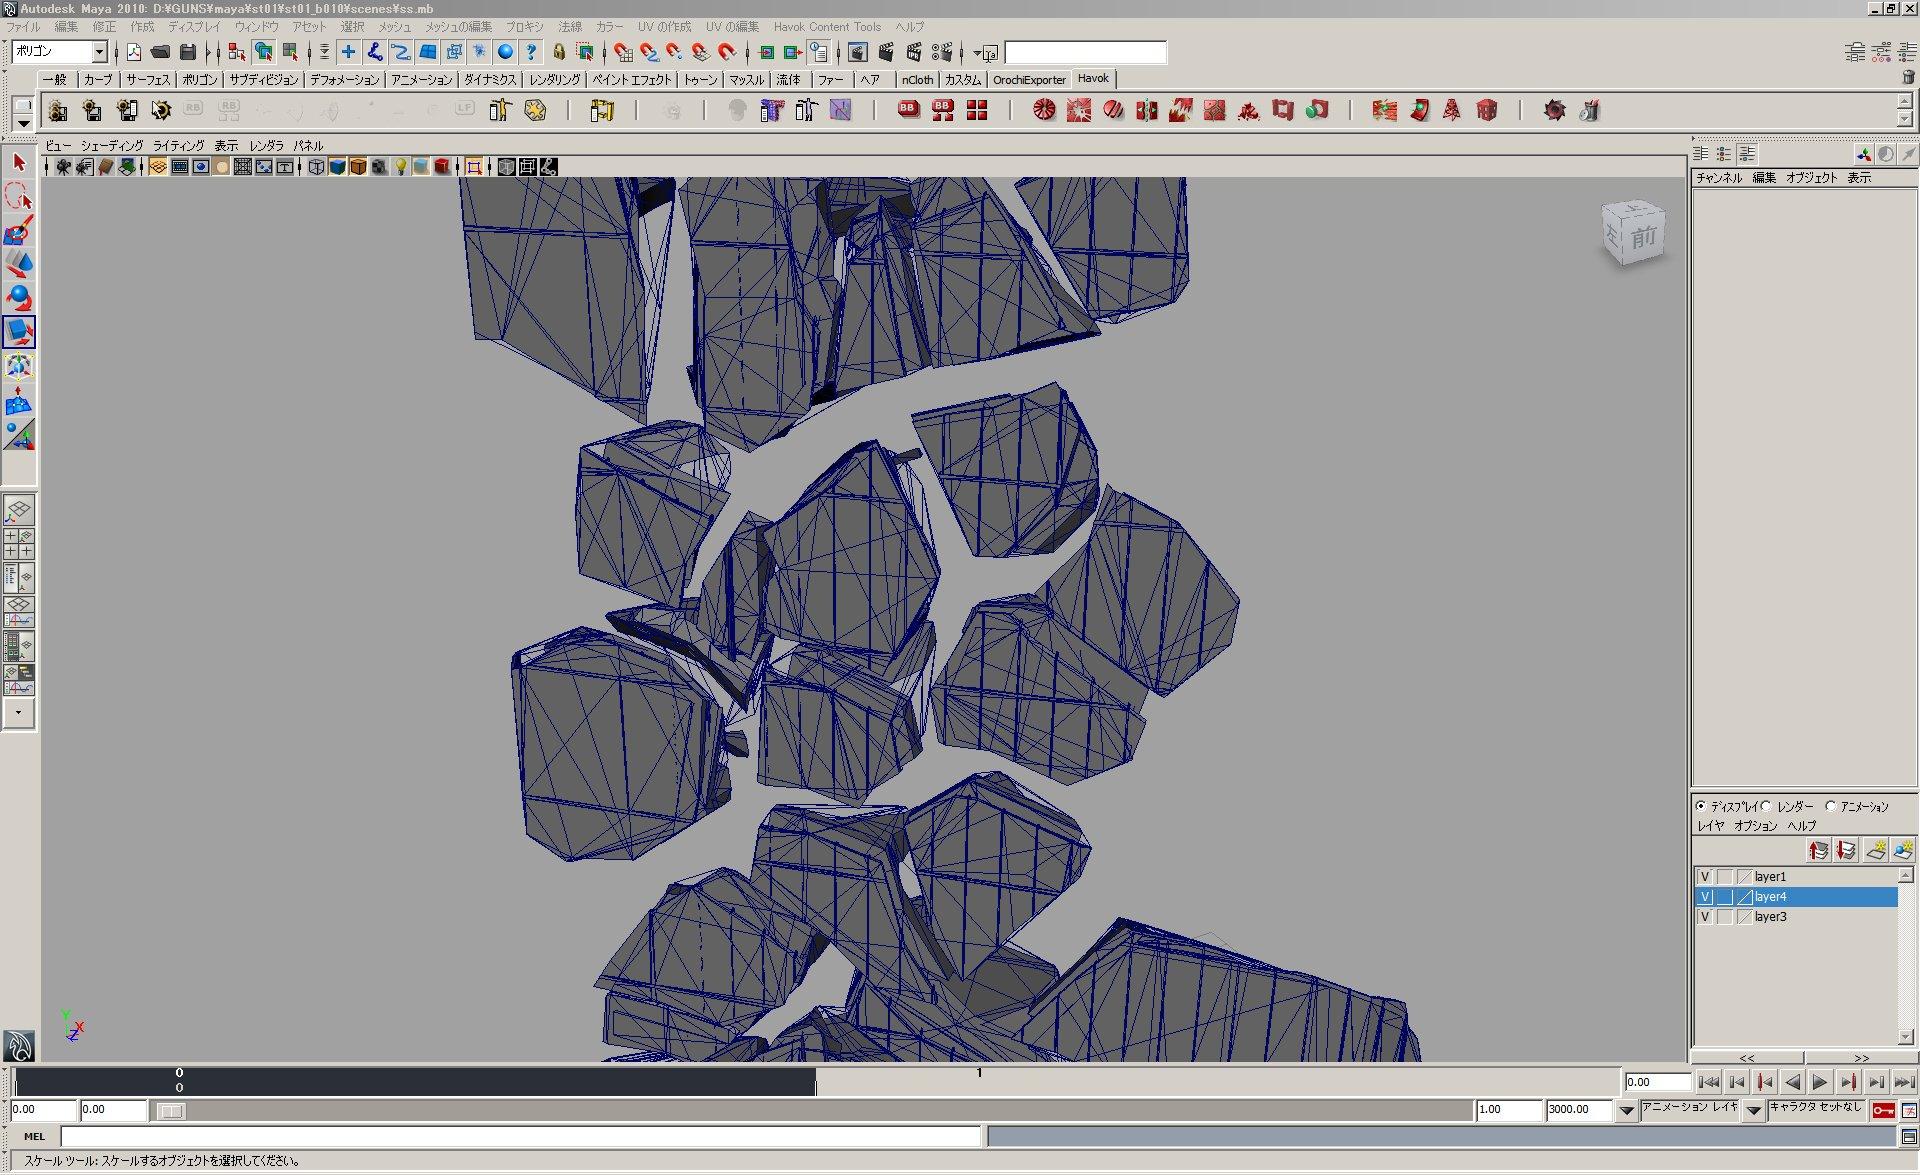 壊れはじめのリアルな破片(フラクチャー)モデル(左)と、そのワイヤーフレーム(右)